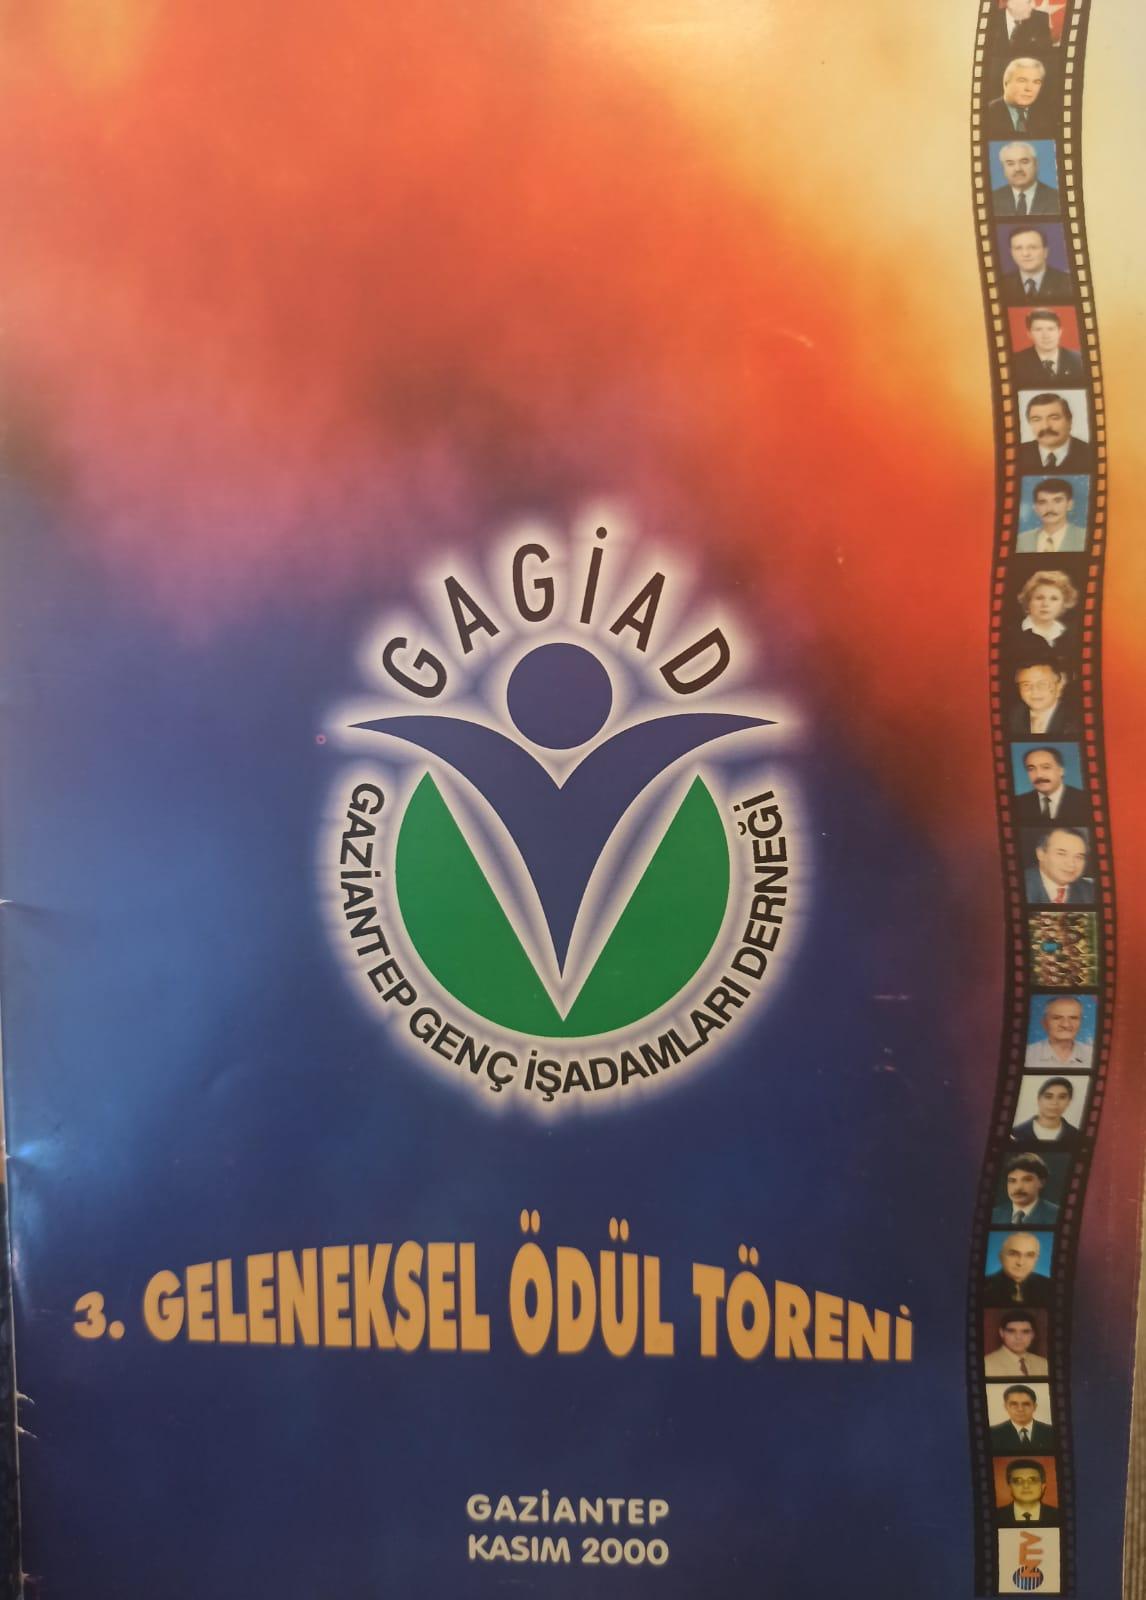 GAGİAD III.GELENEKSEL ÖDÜL TÖRENİ